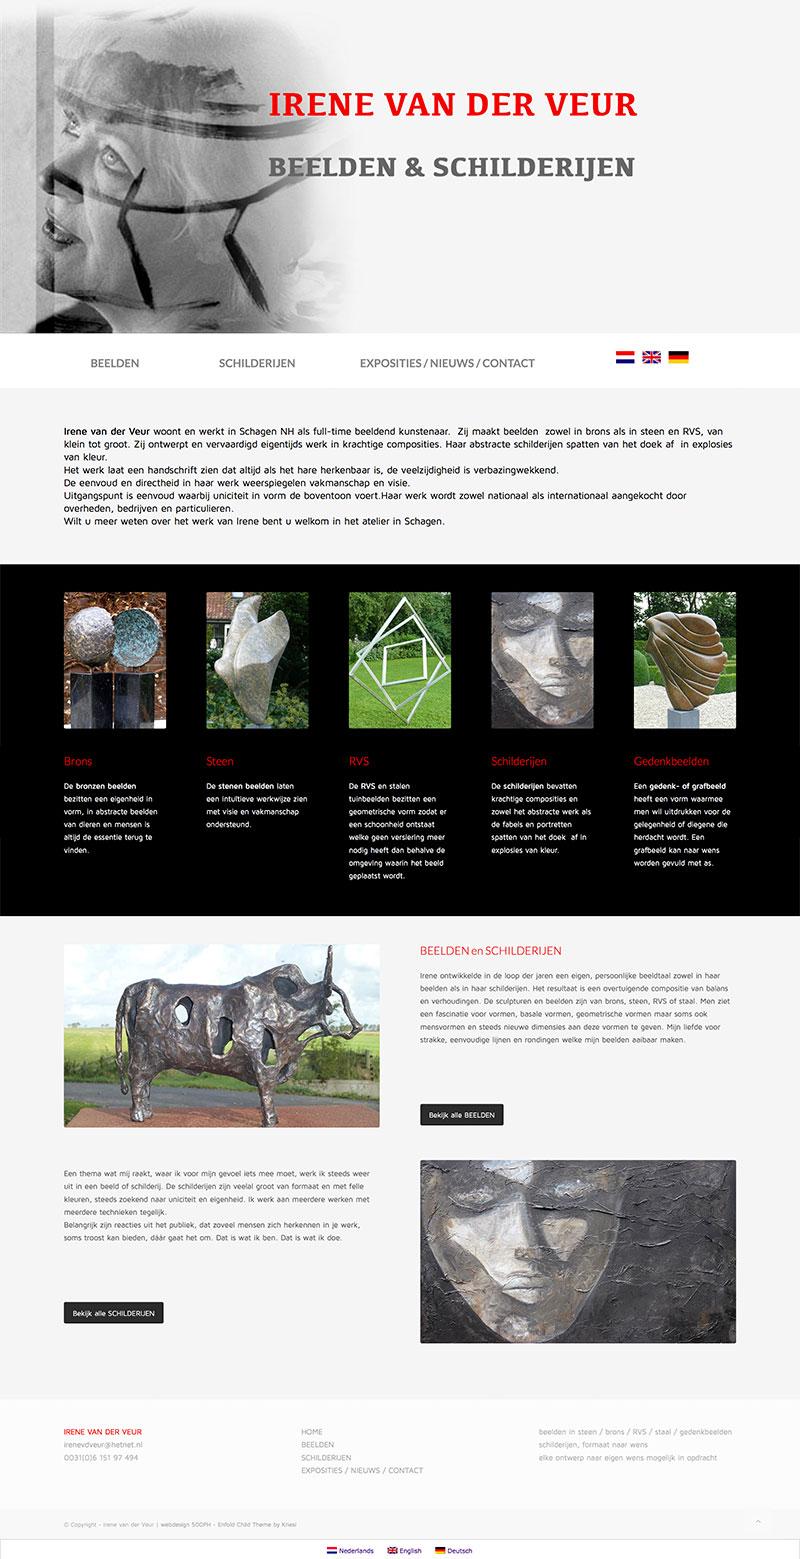 Irene van der Veur - website